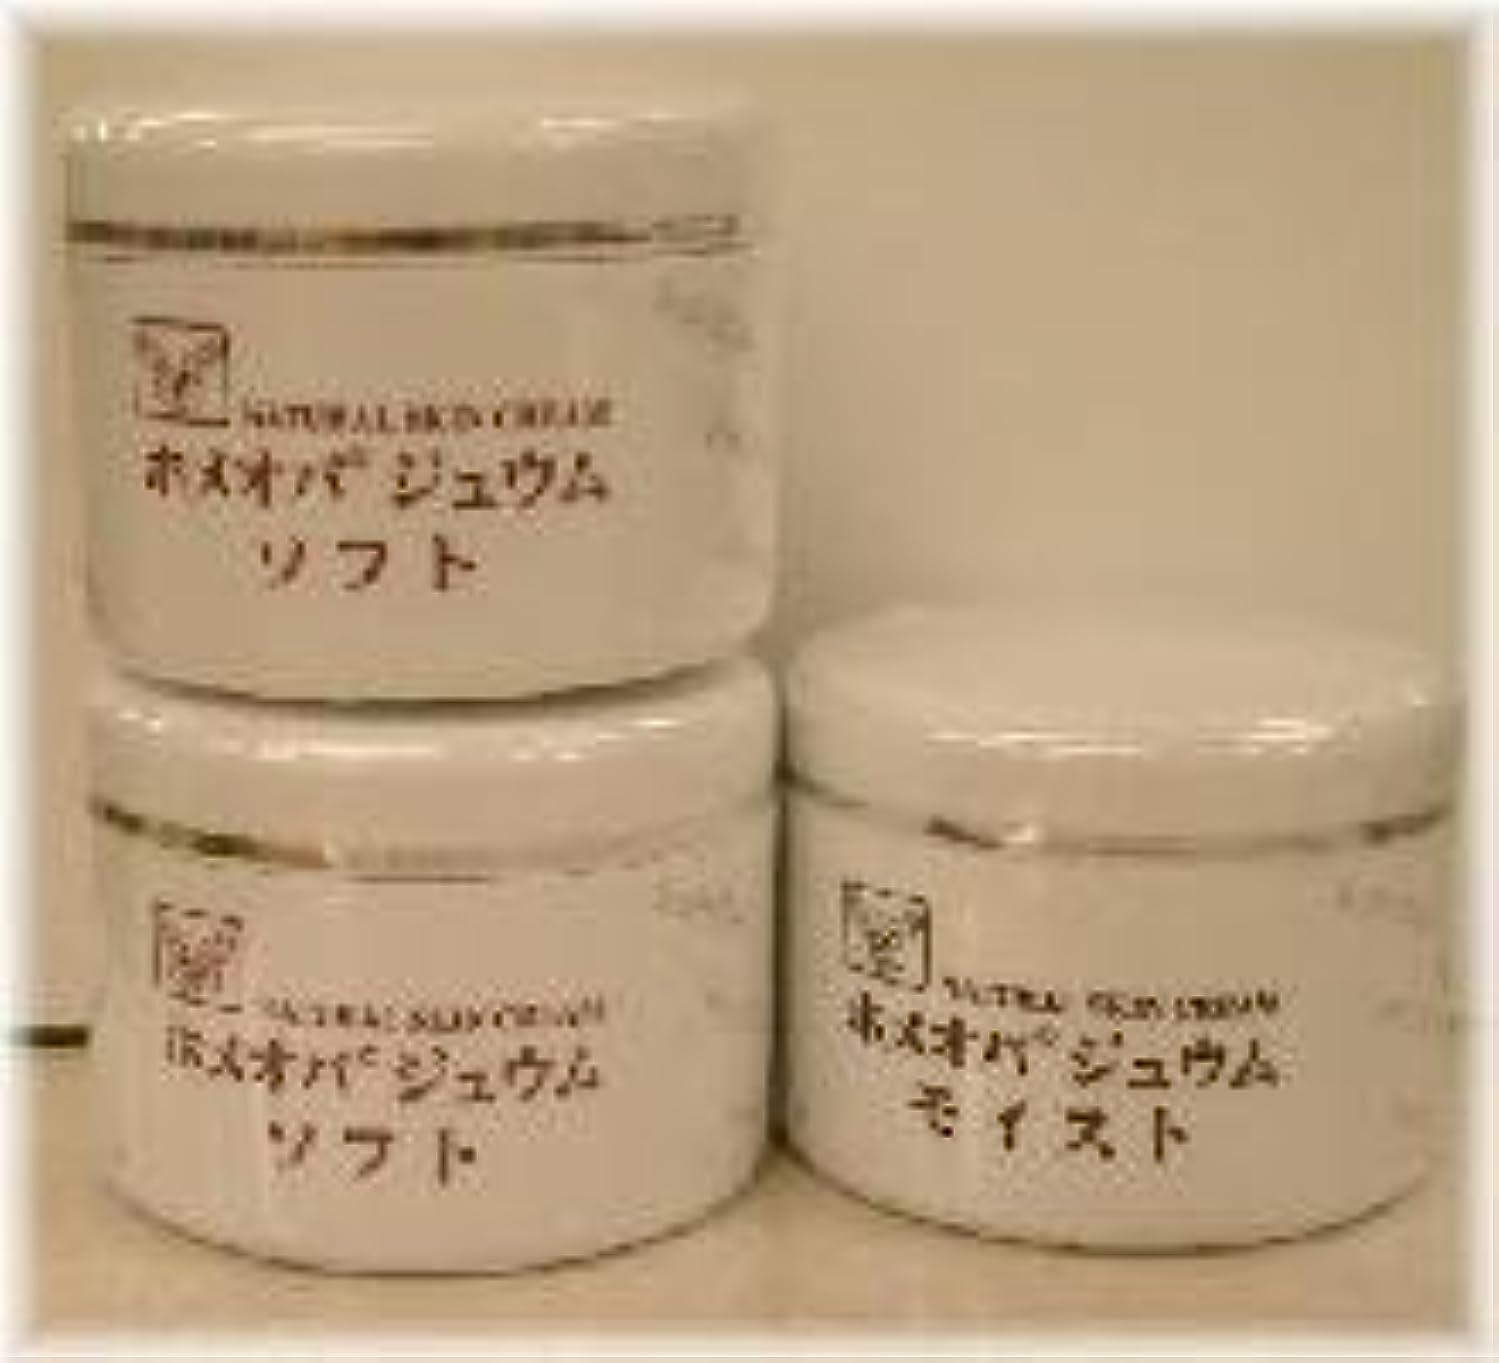 落とし穴めまい経験者ホメオパジュウム スキンケア商品3点 ¥10500クリームソフト2個+クリームモイスト